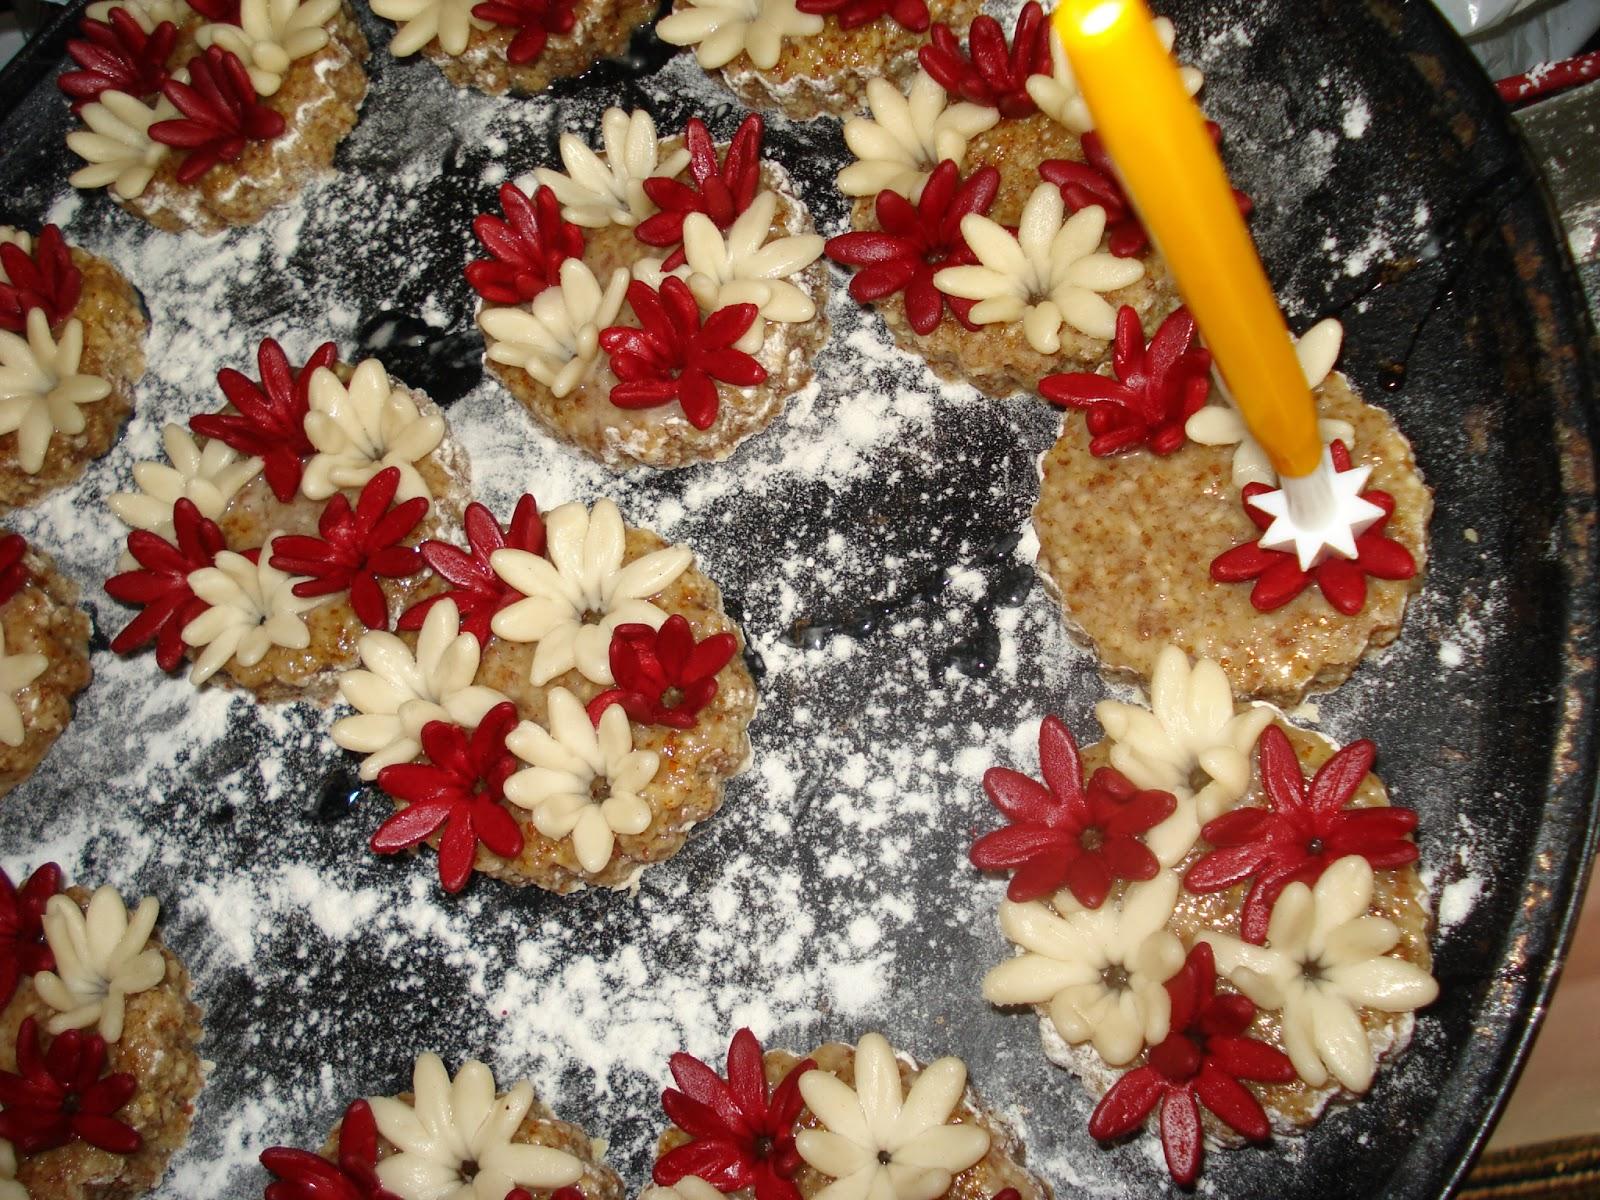 حلويات جزائرية جنان للا باللوز 1.jpg?resize=400%2C3